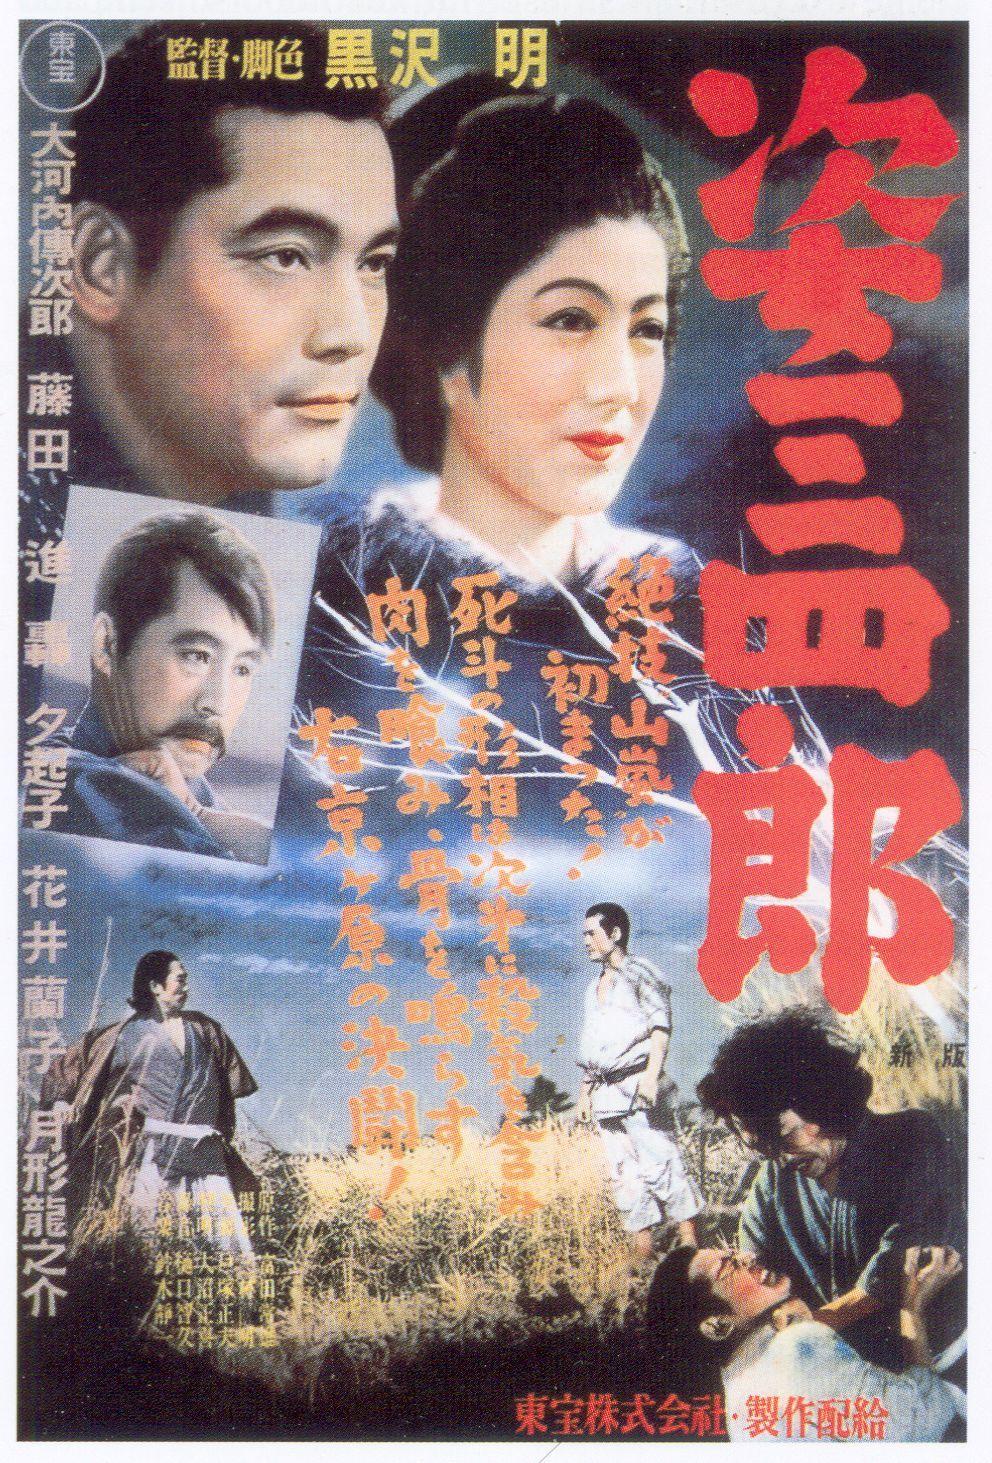 姿三四郎 (1943年の映画) - Wikipedia